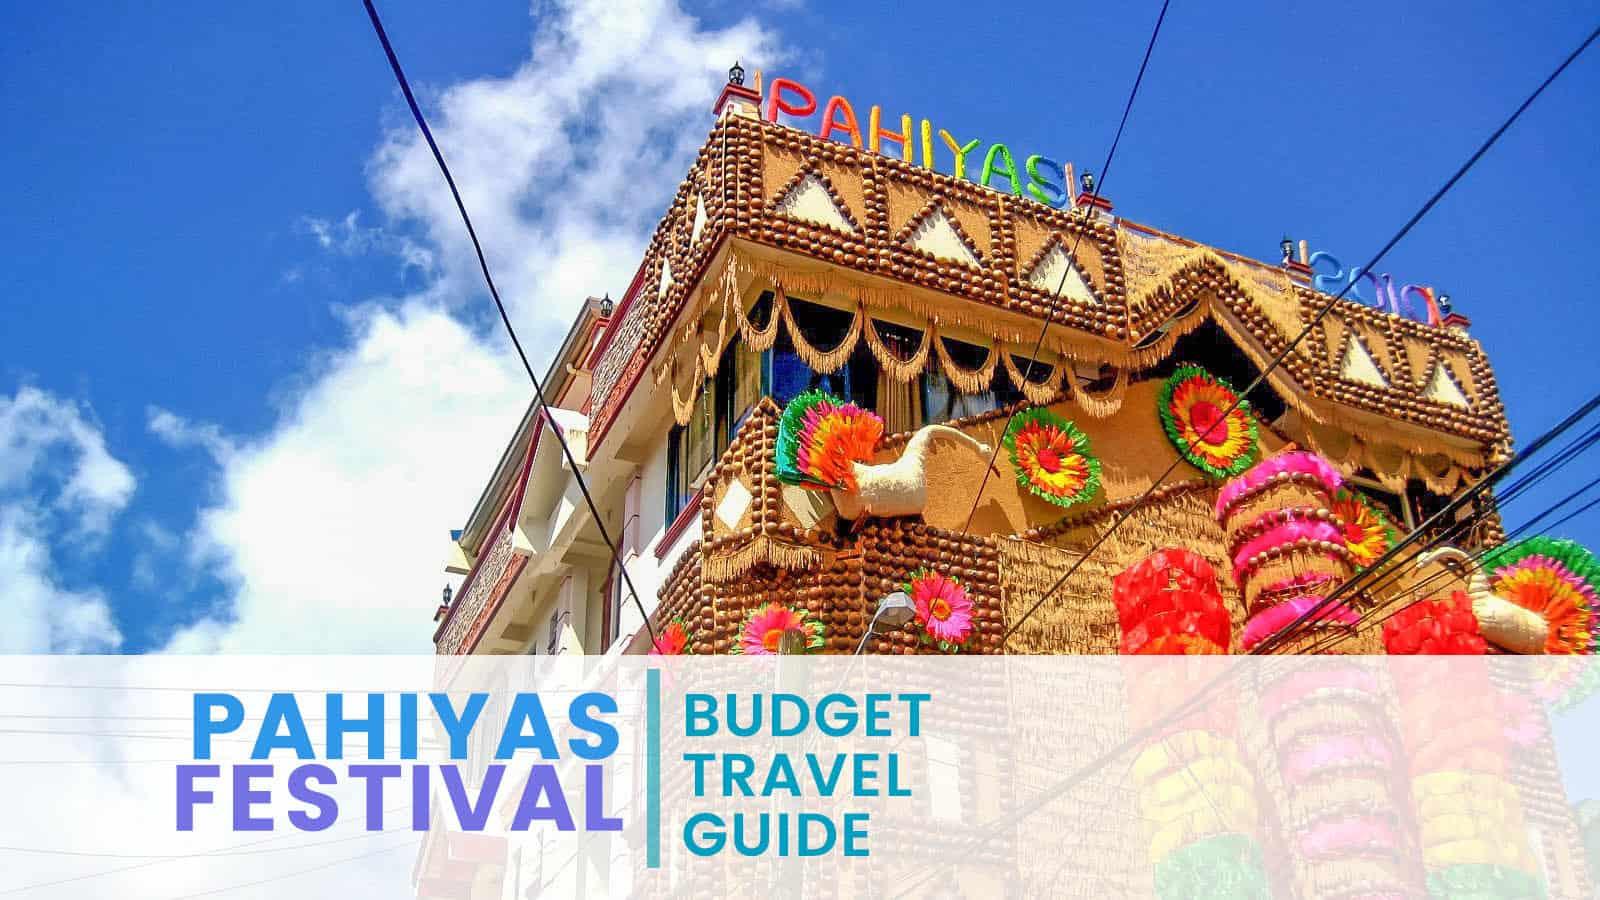 预算中的帕希亚斯节。旅行指南和行程安排   穷游者行程安排博客